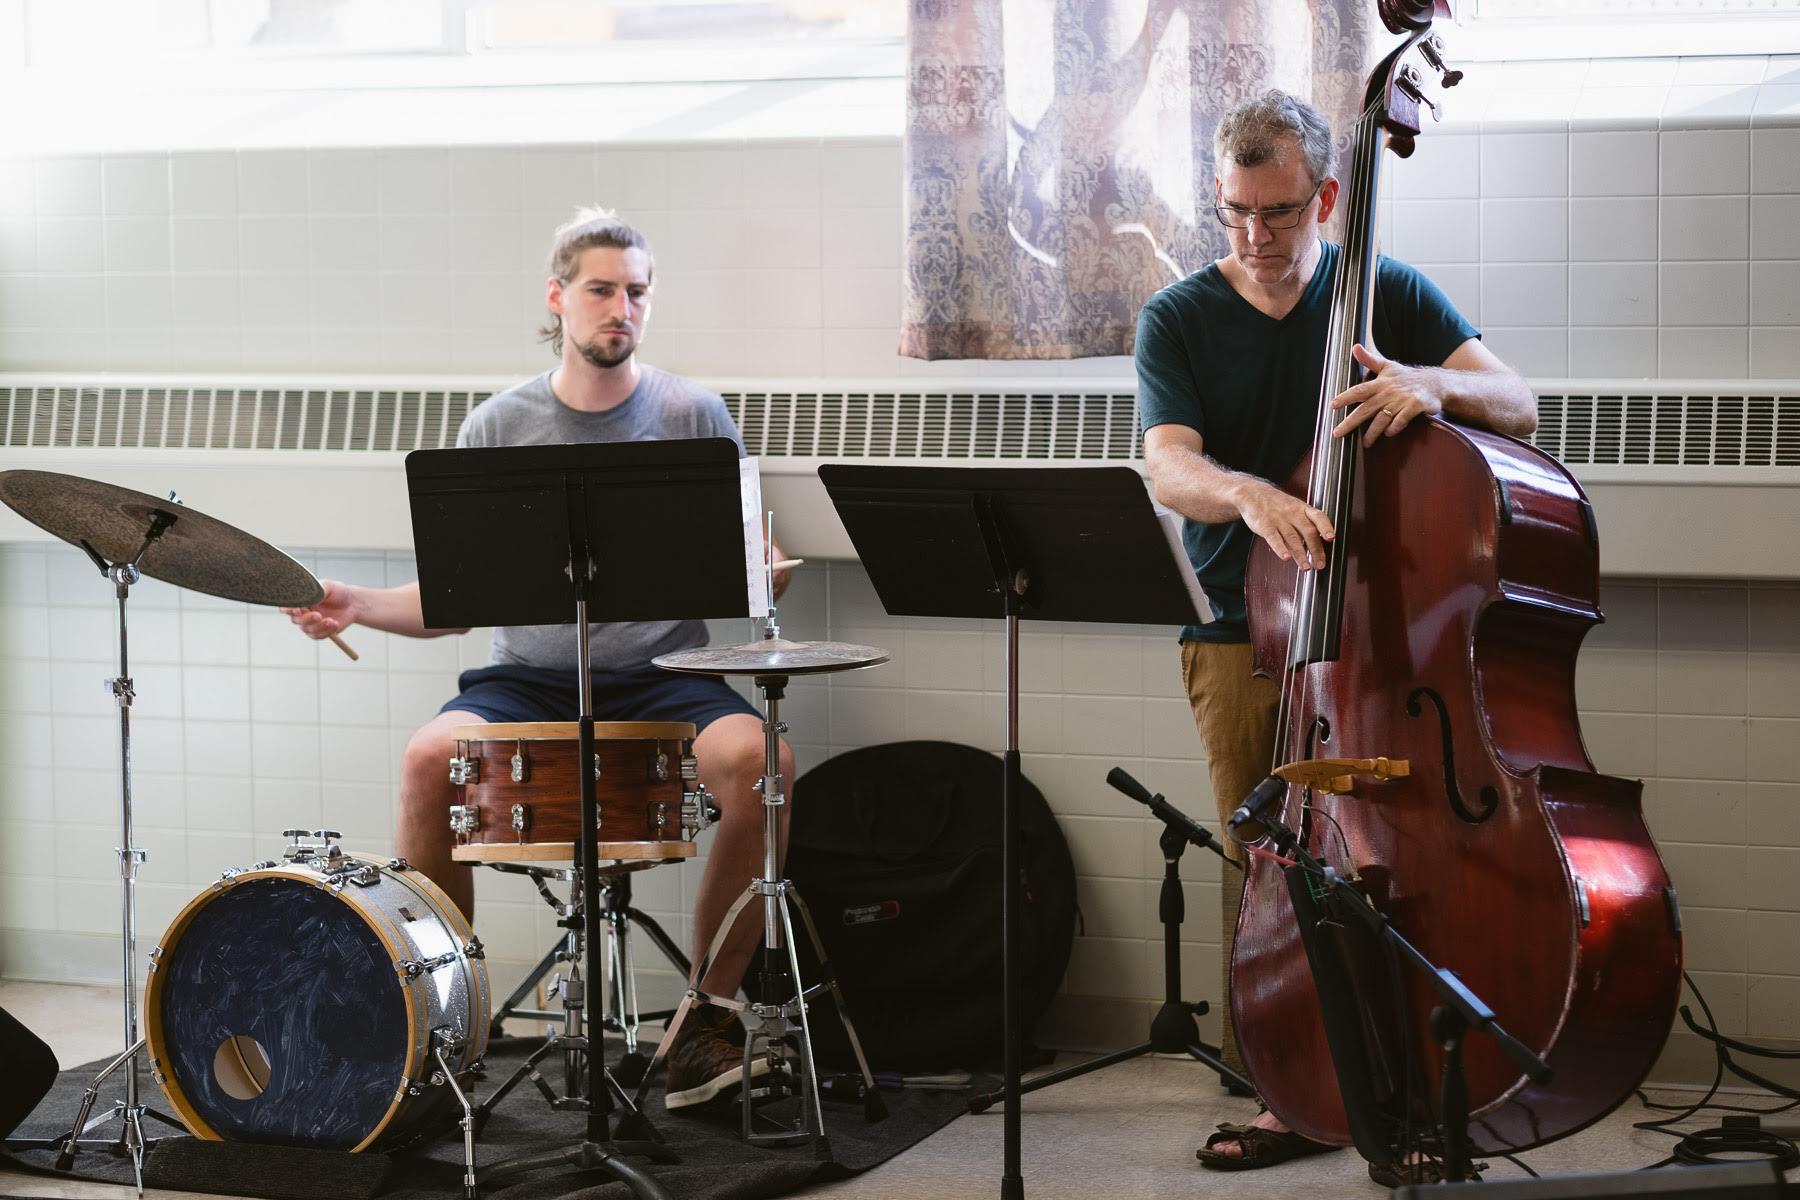 fairmount-musicians-njohnson.jpg